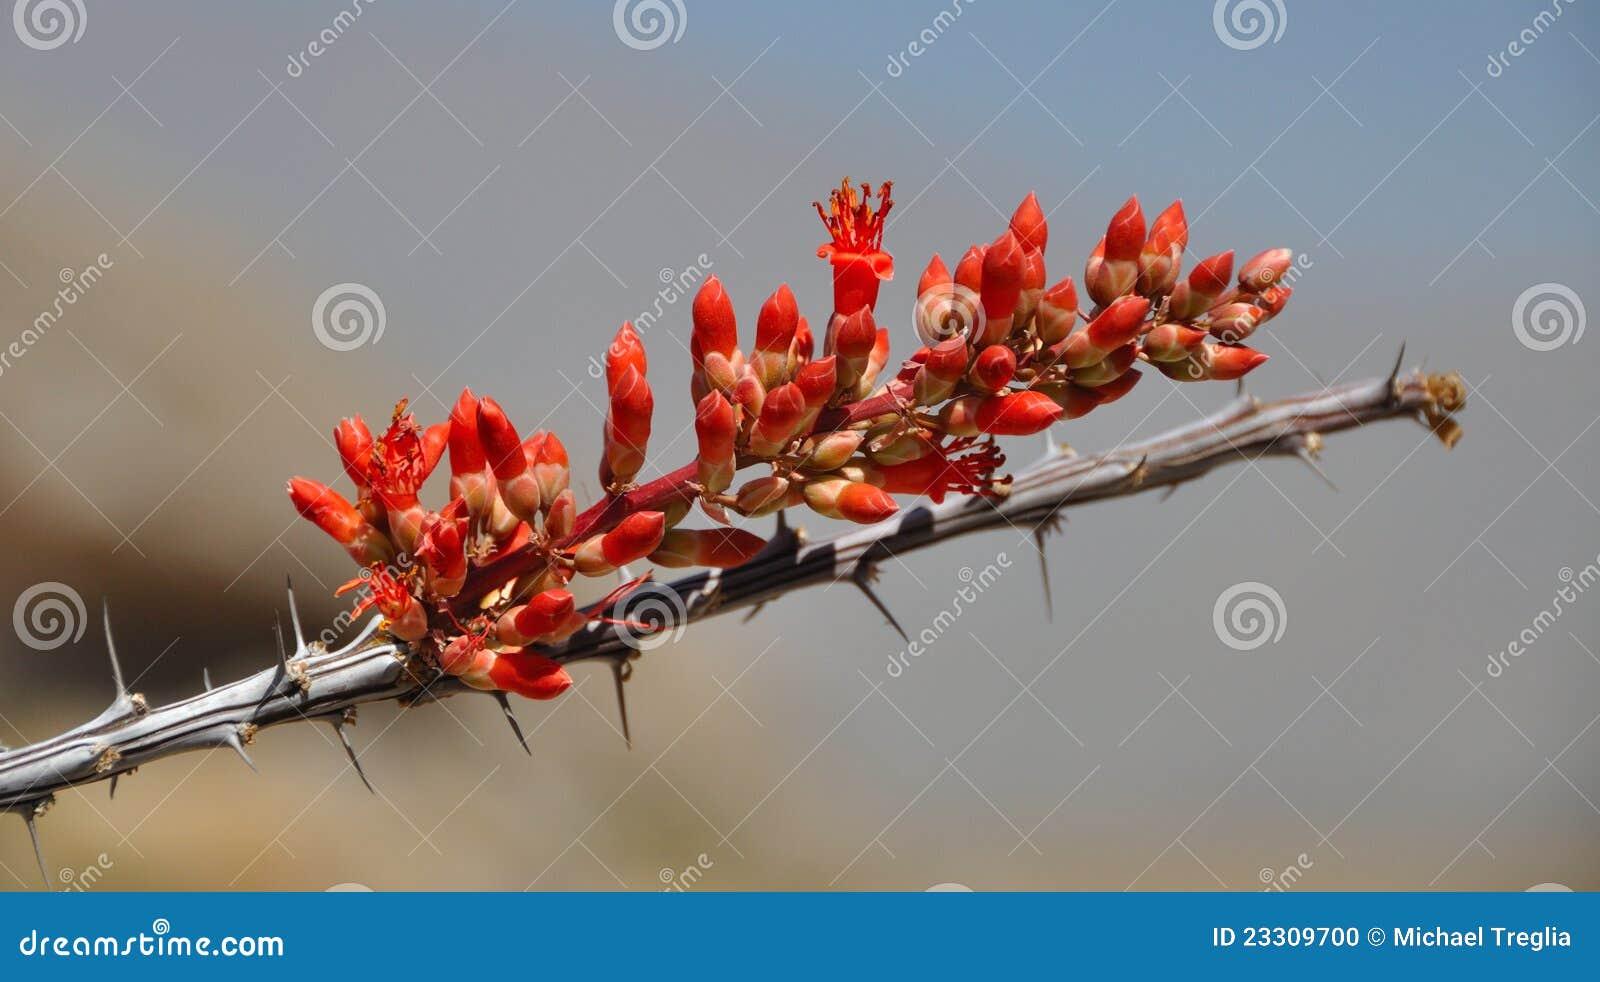 Ocotillo Flower in Bloom